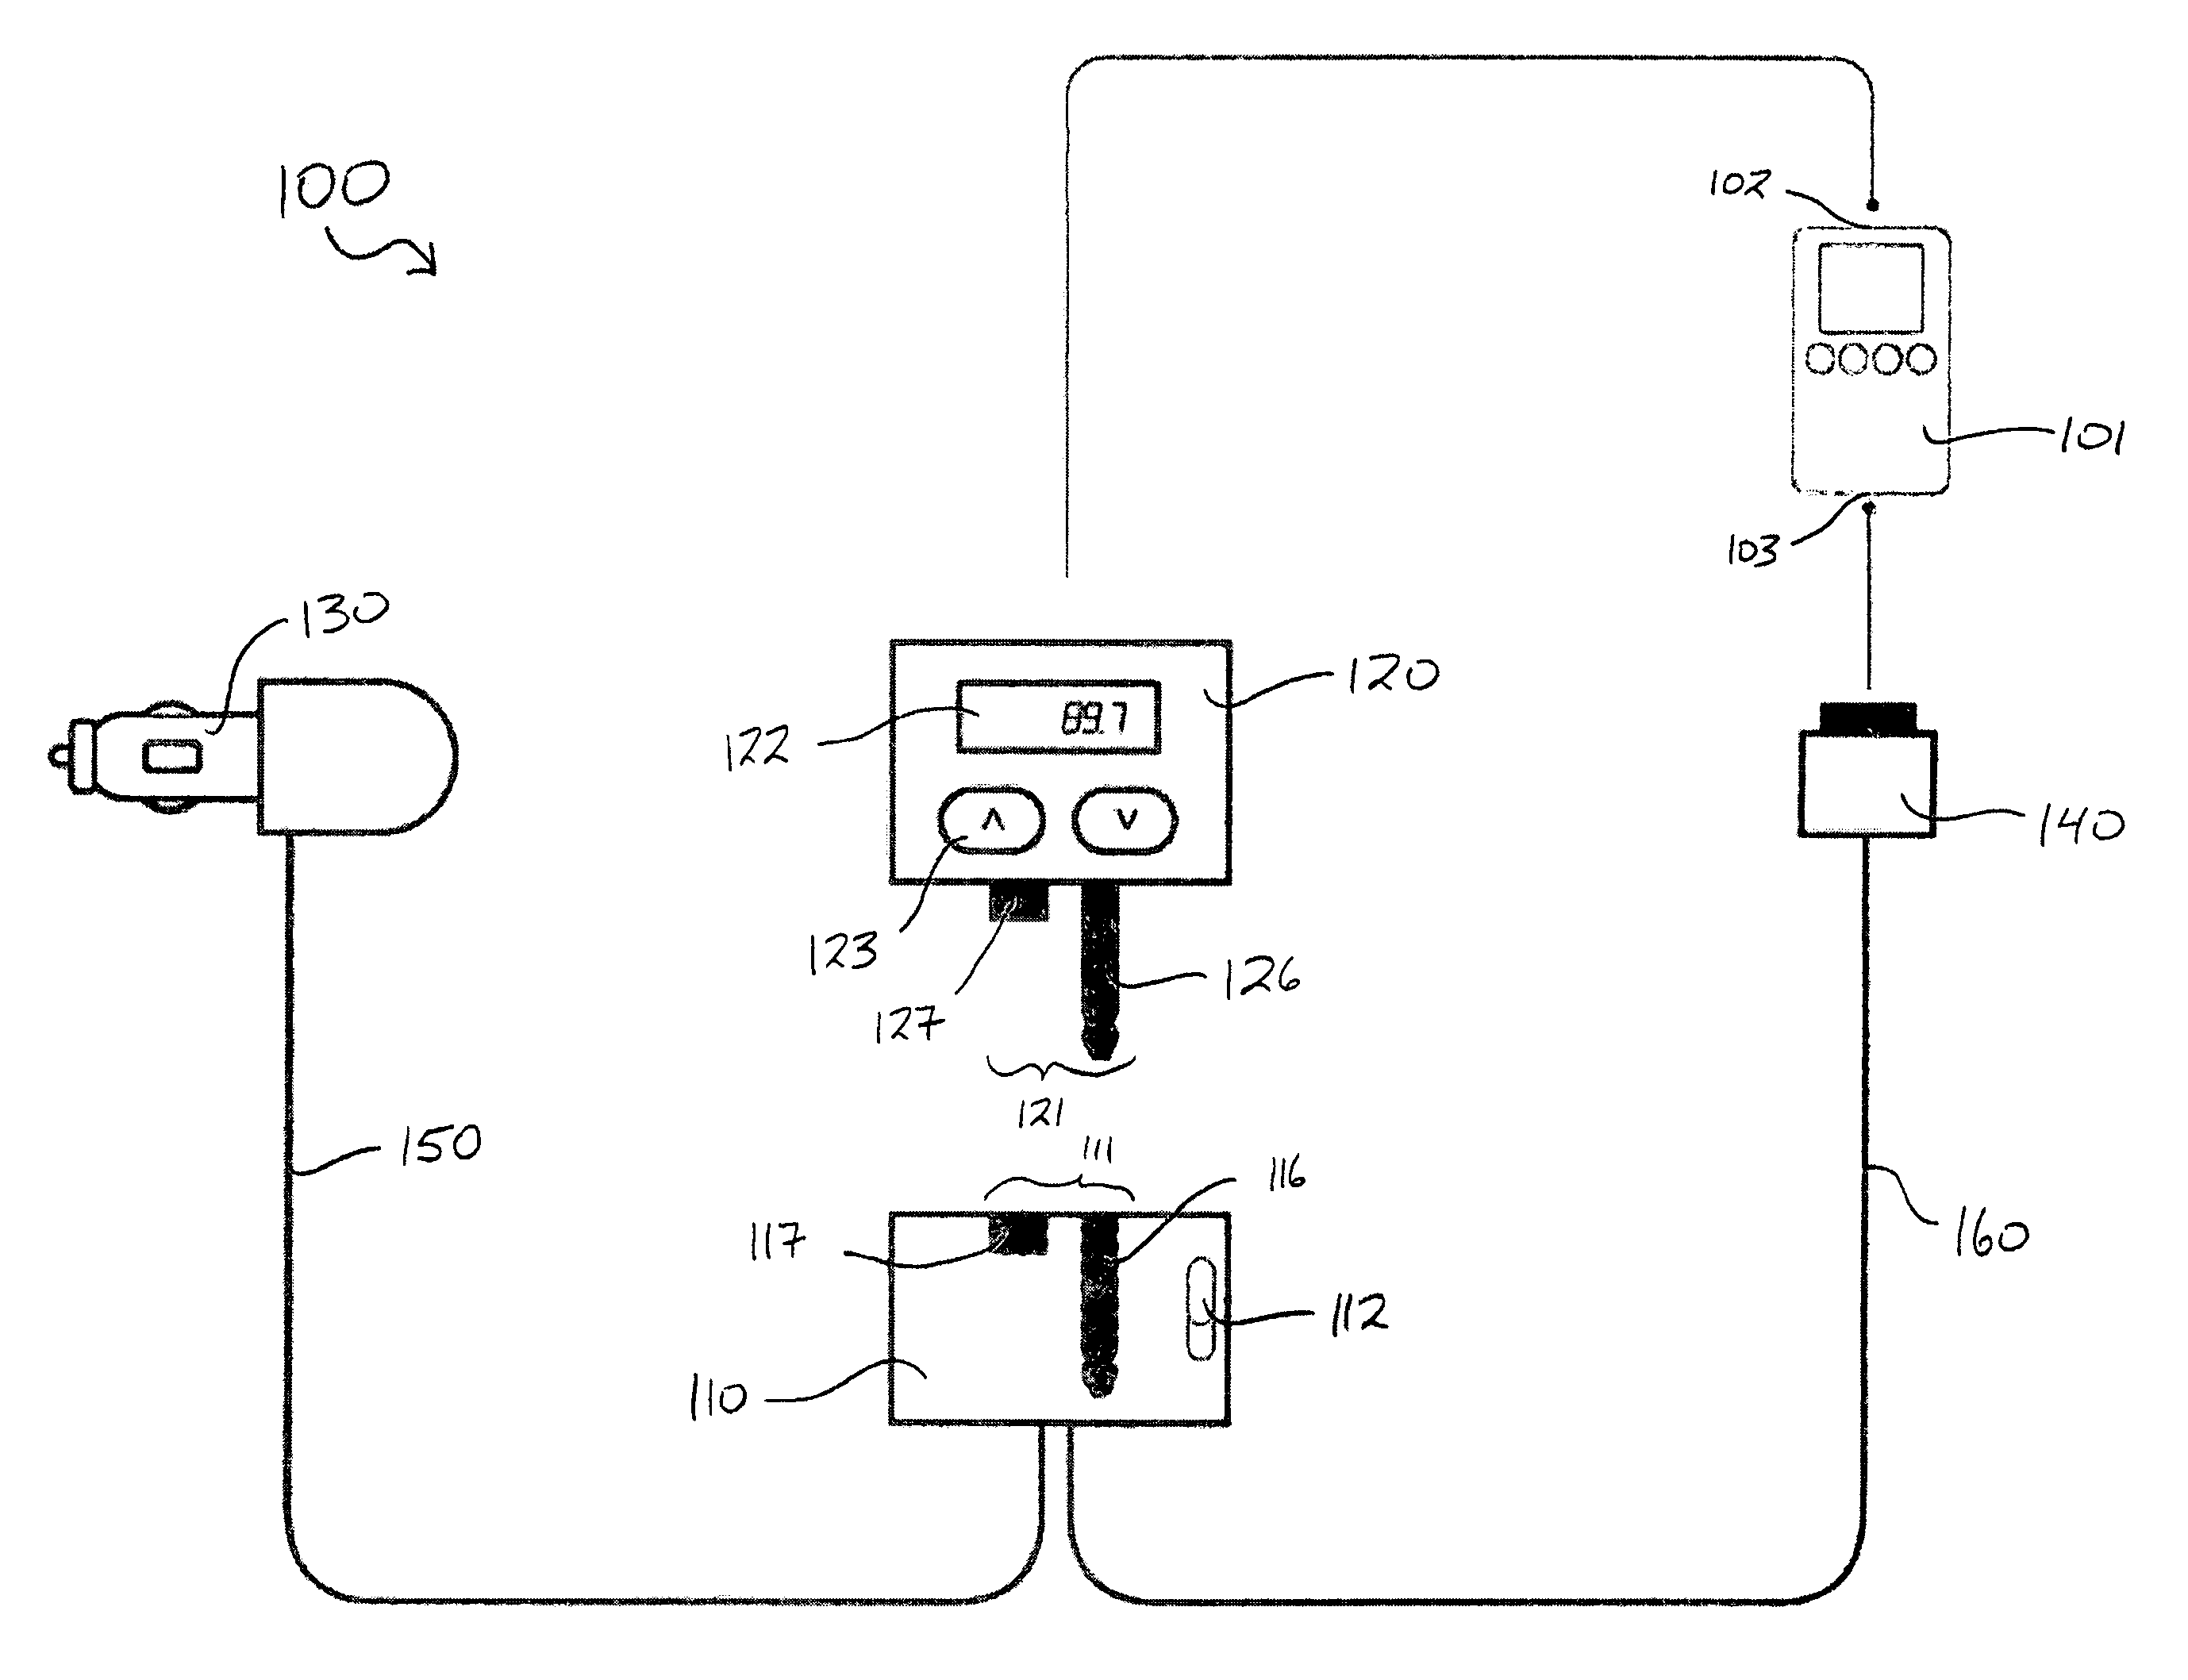 griffin itrip wiring diagram